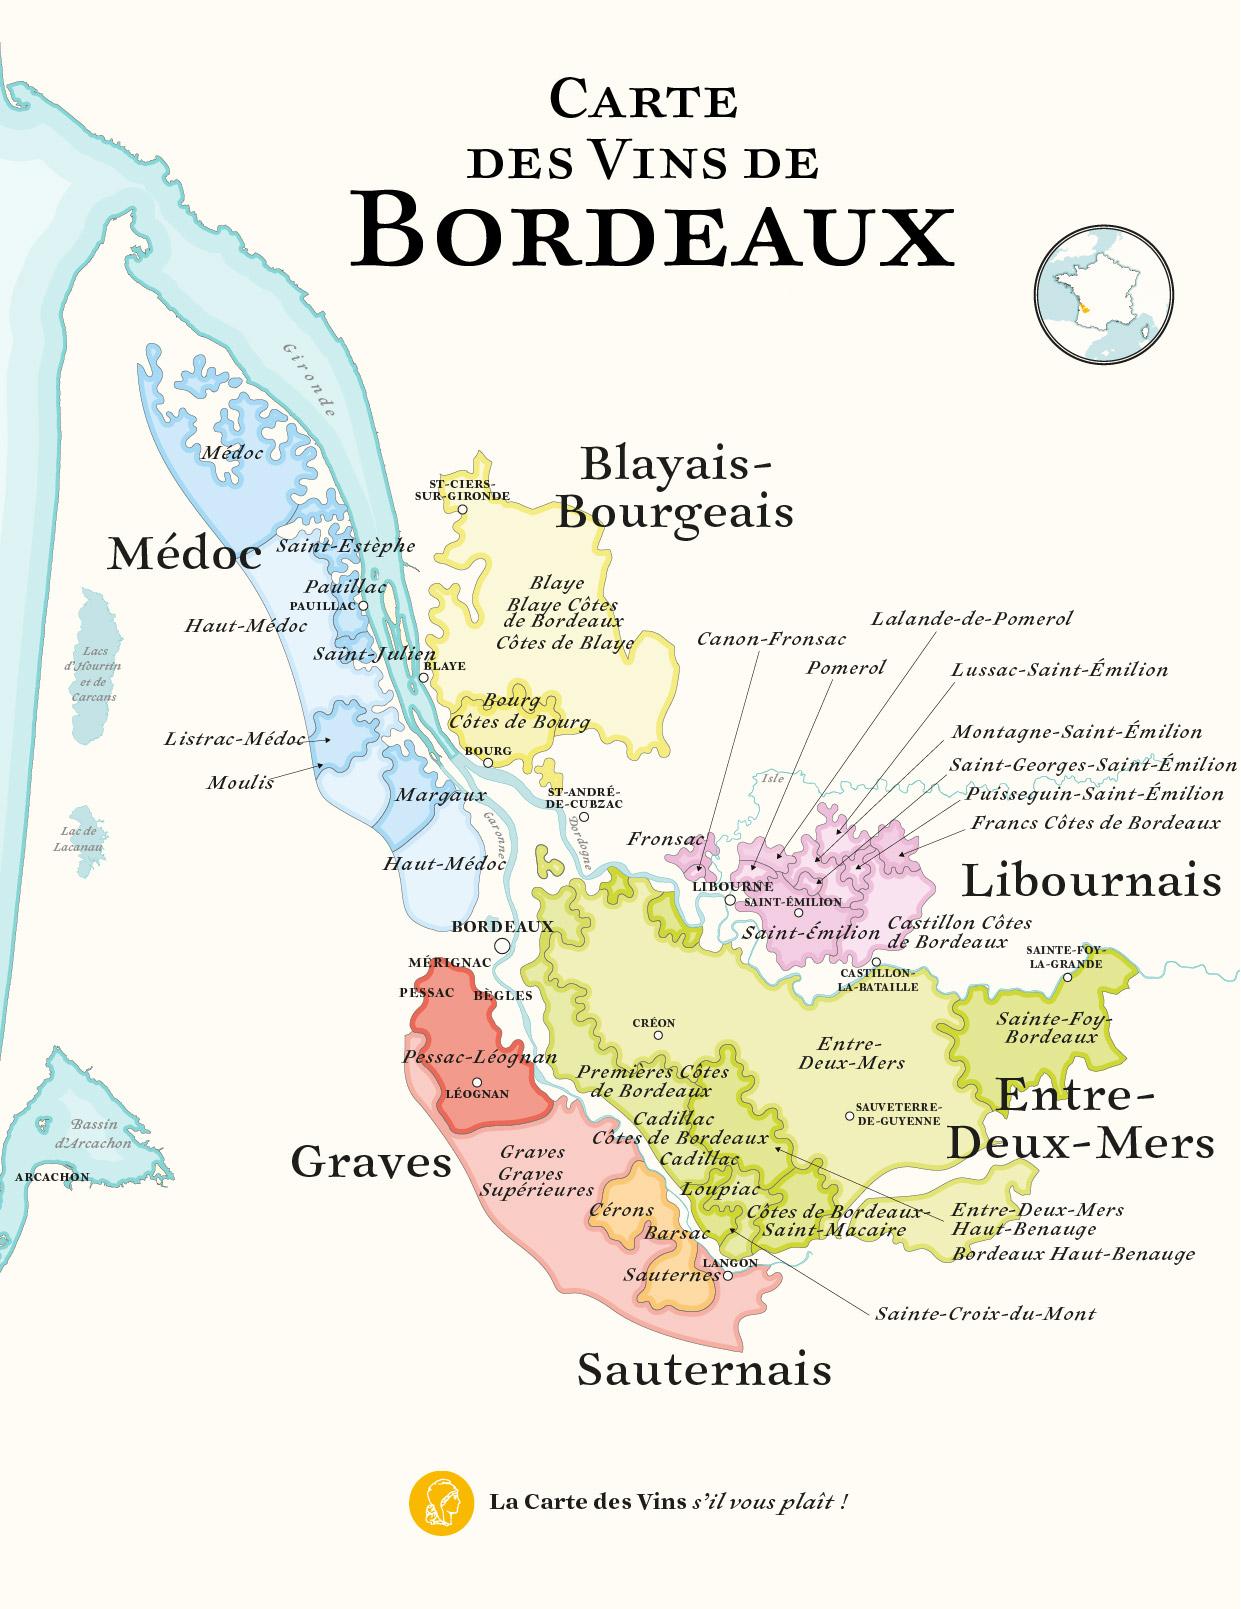 Carte-vins-bordeaux-wine-map